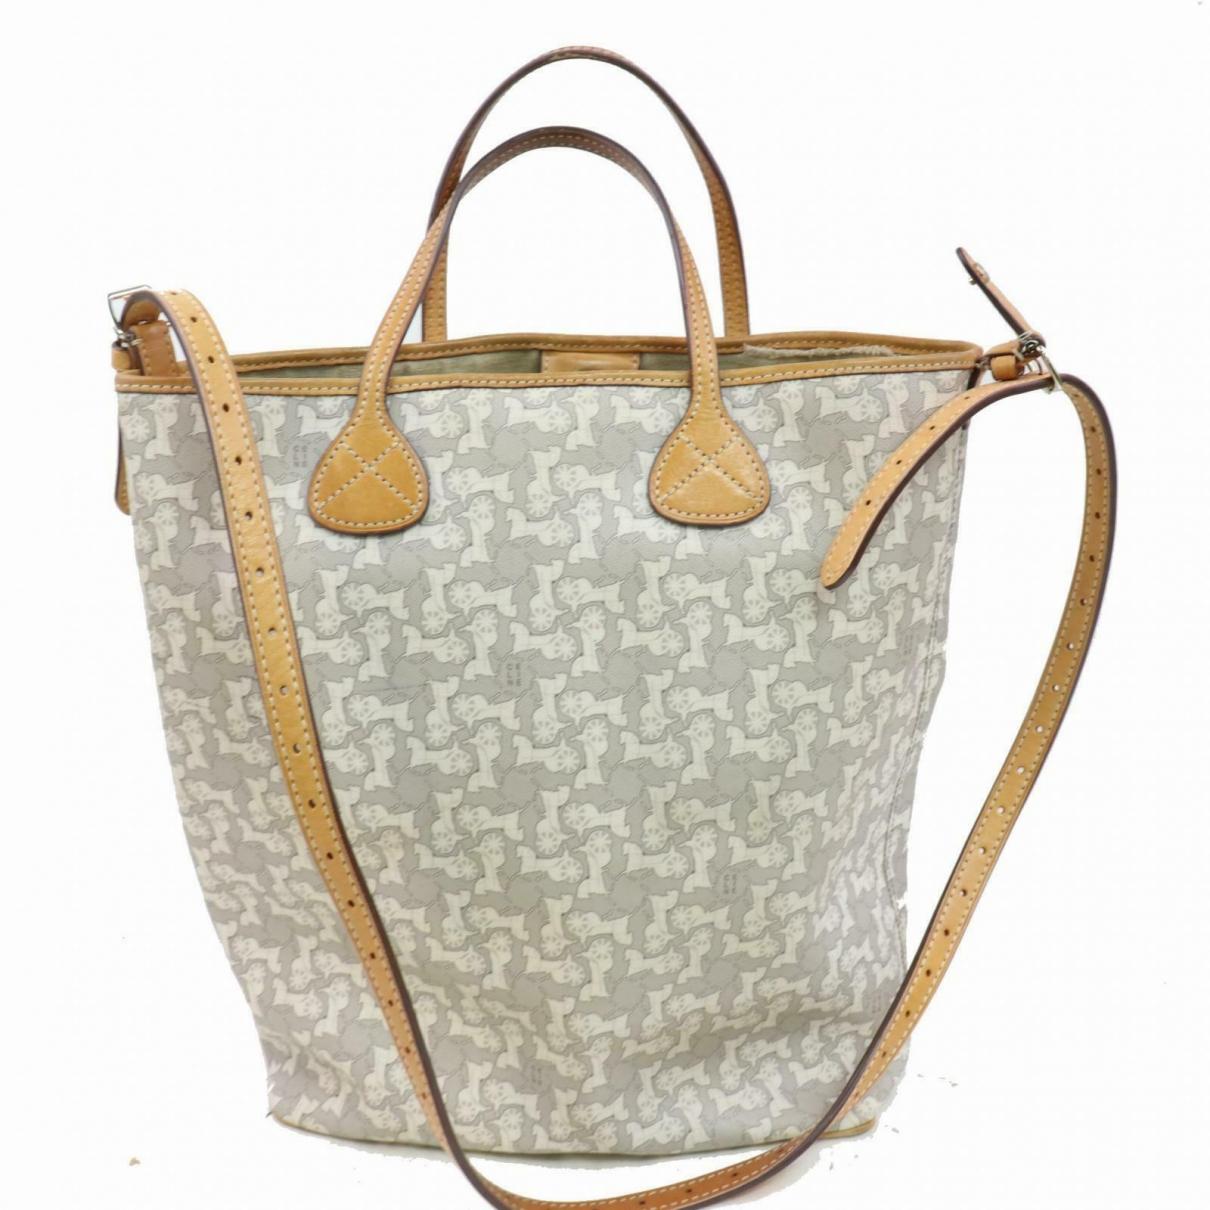 Celine \N Handtasche in  Grau Leinen